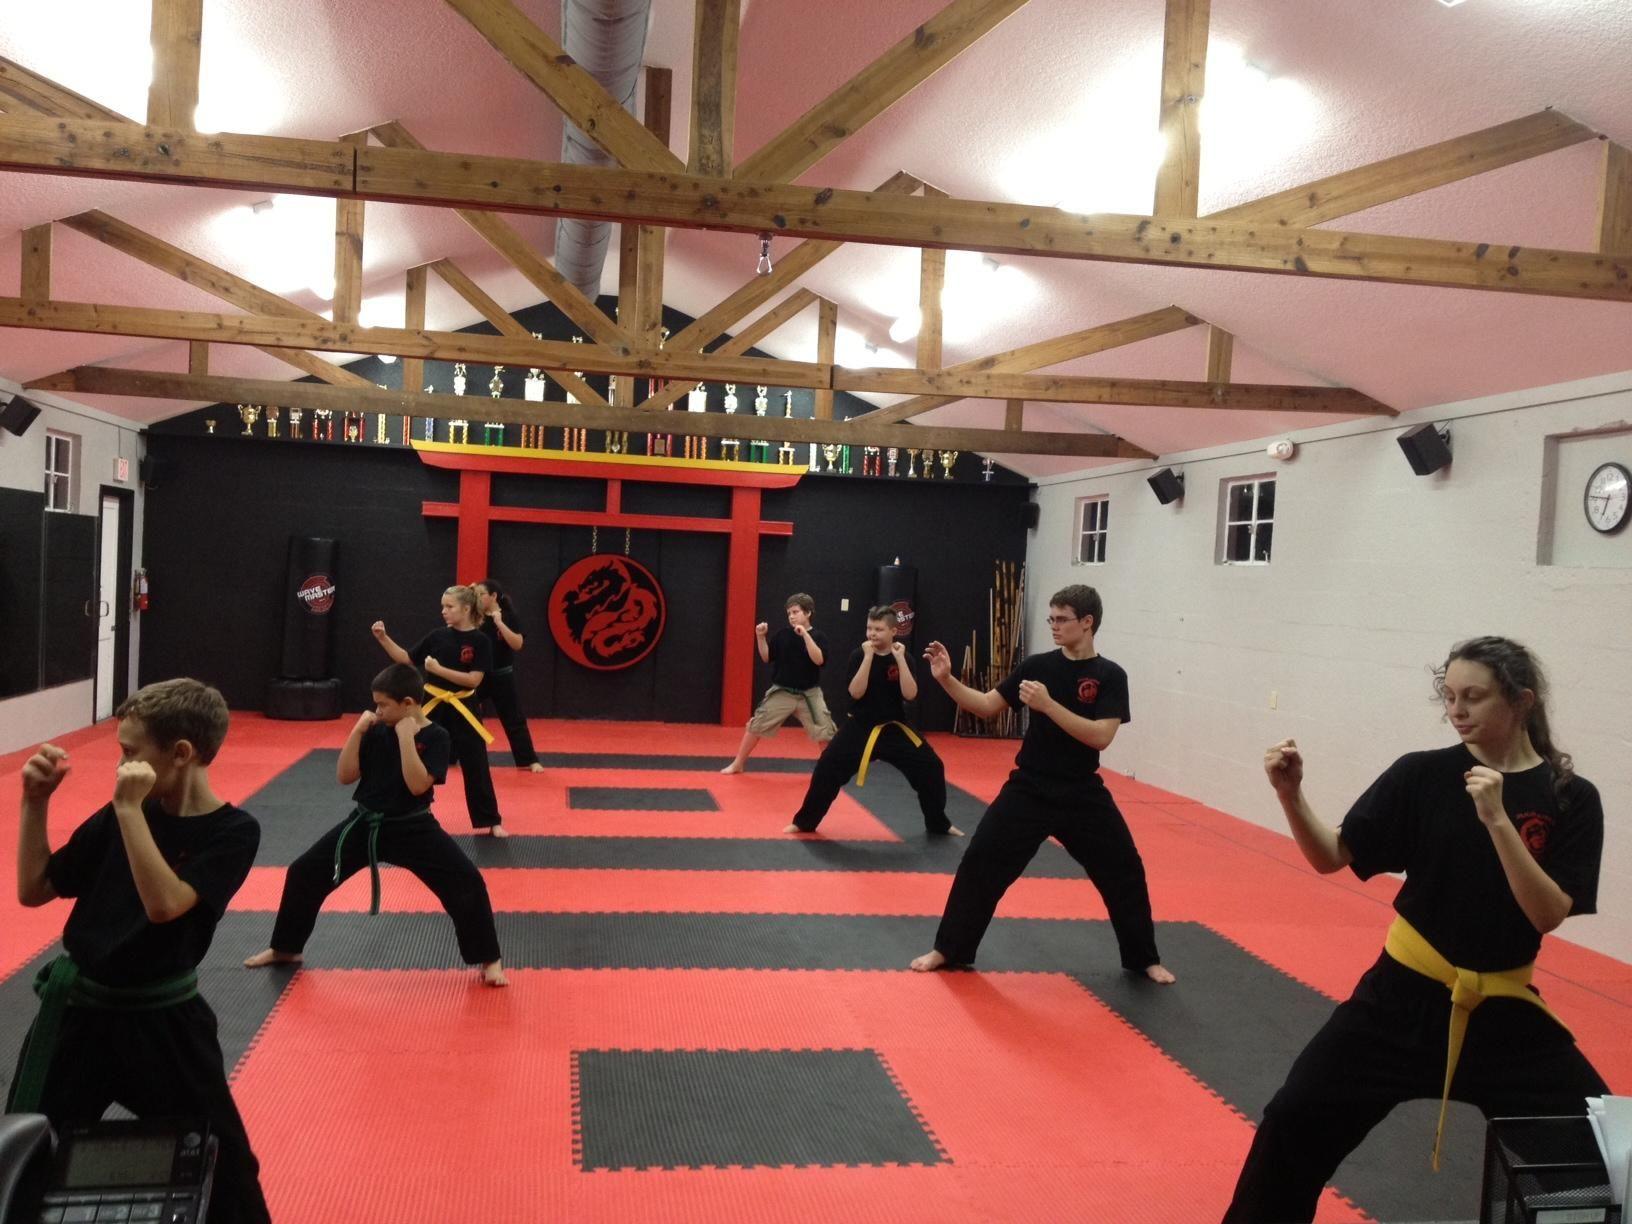 Great Design For A School Dragon Warrior Martial Arts Martial Arts Gym Taekwondo Training Karate School